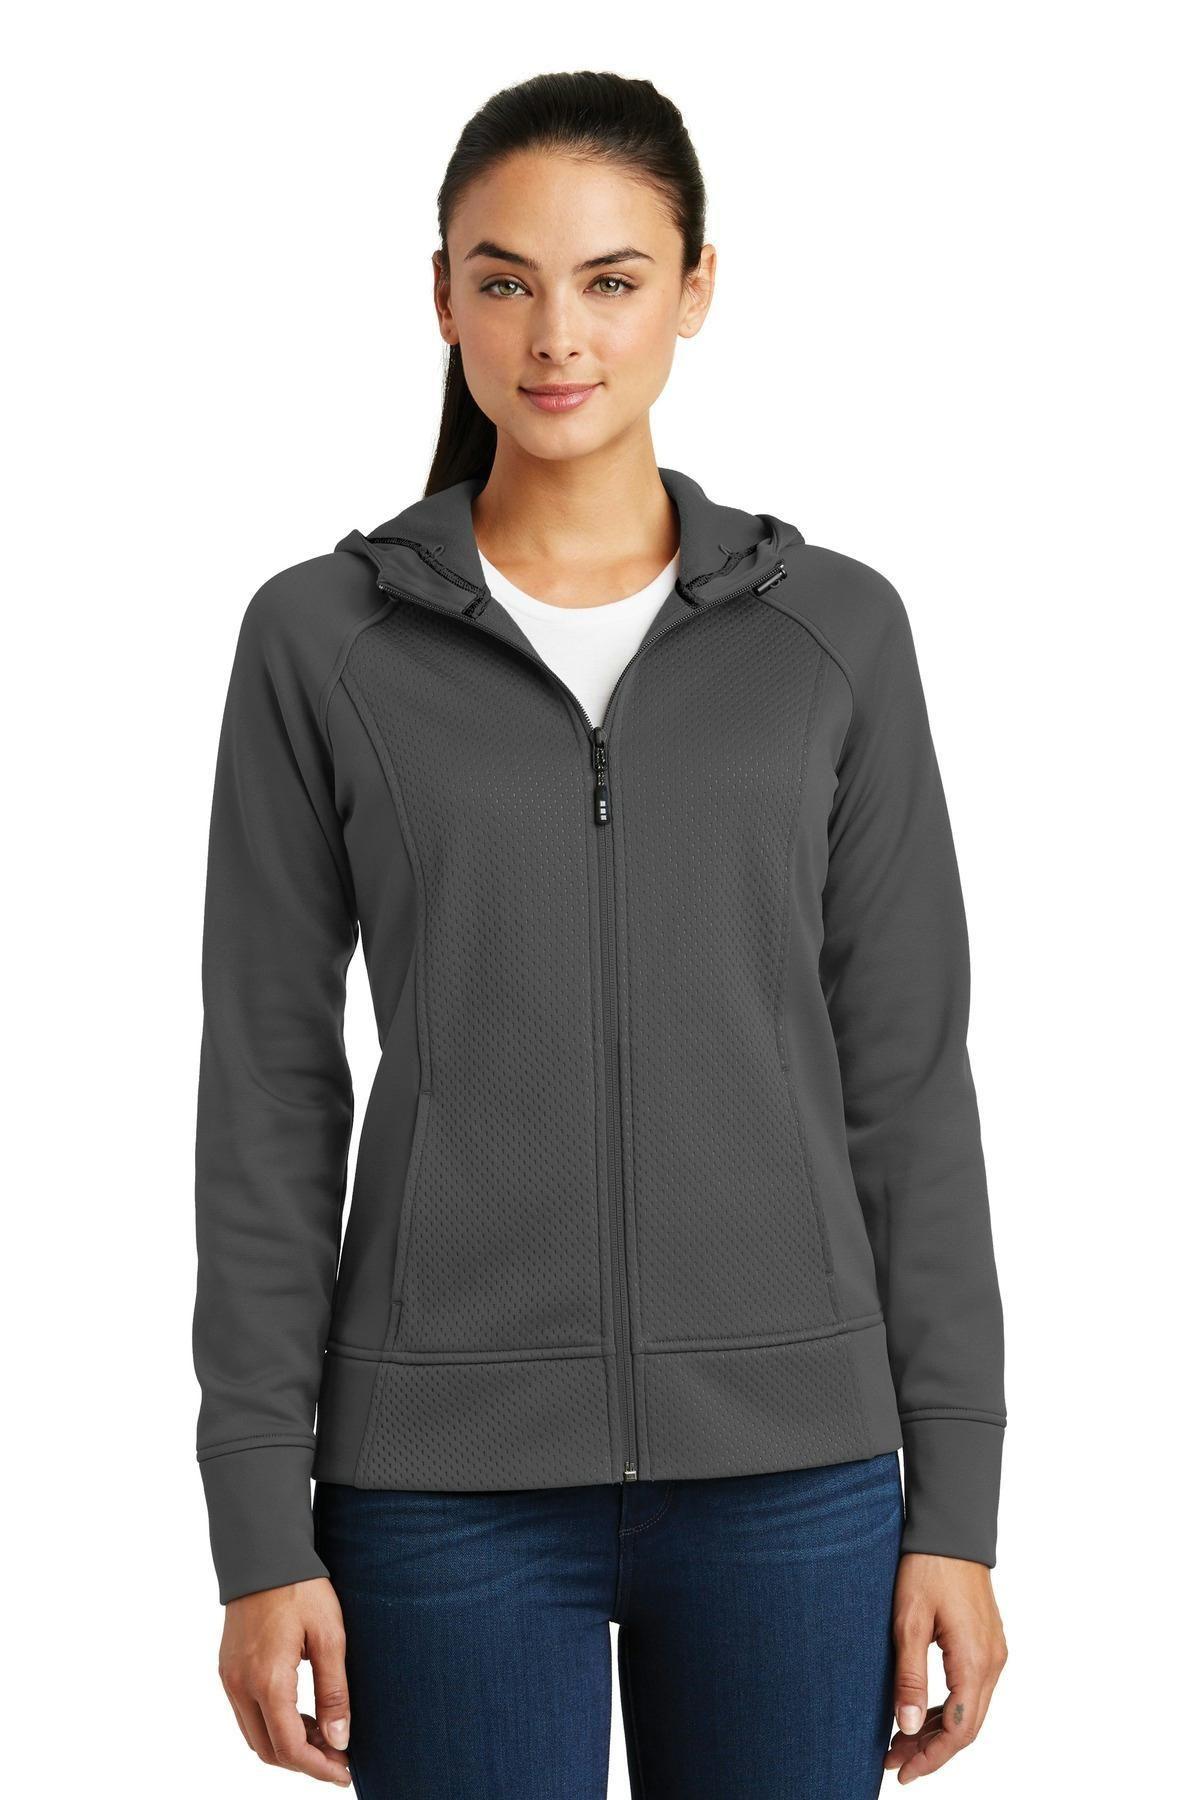 SportTek Ladies Rival Tech Fleece FullZip Hooded Jacket